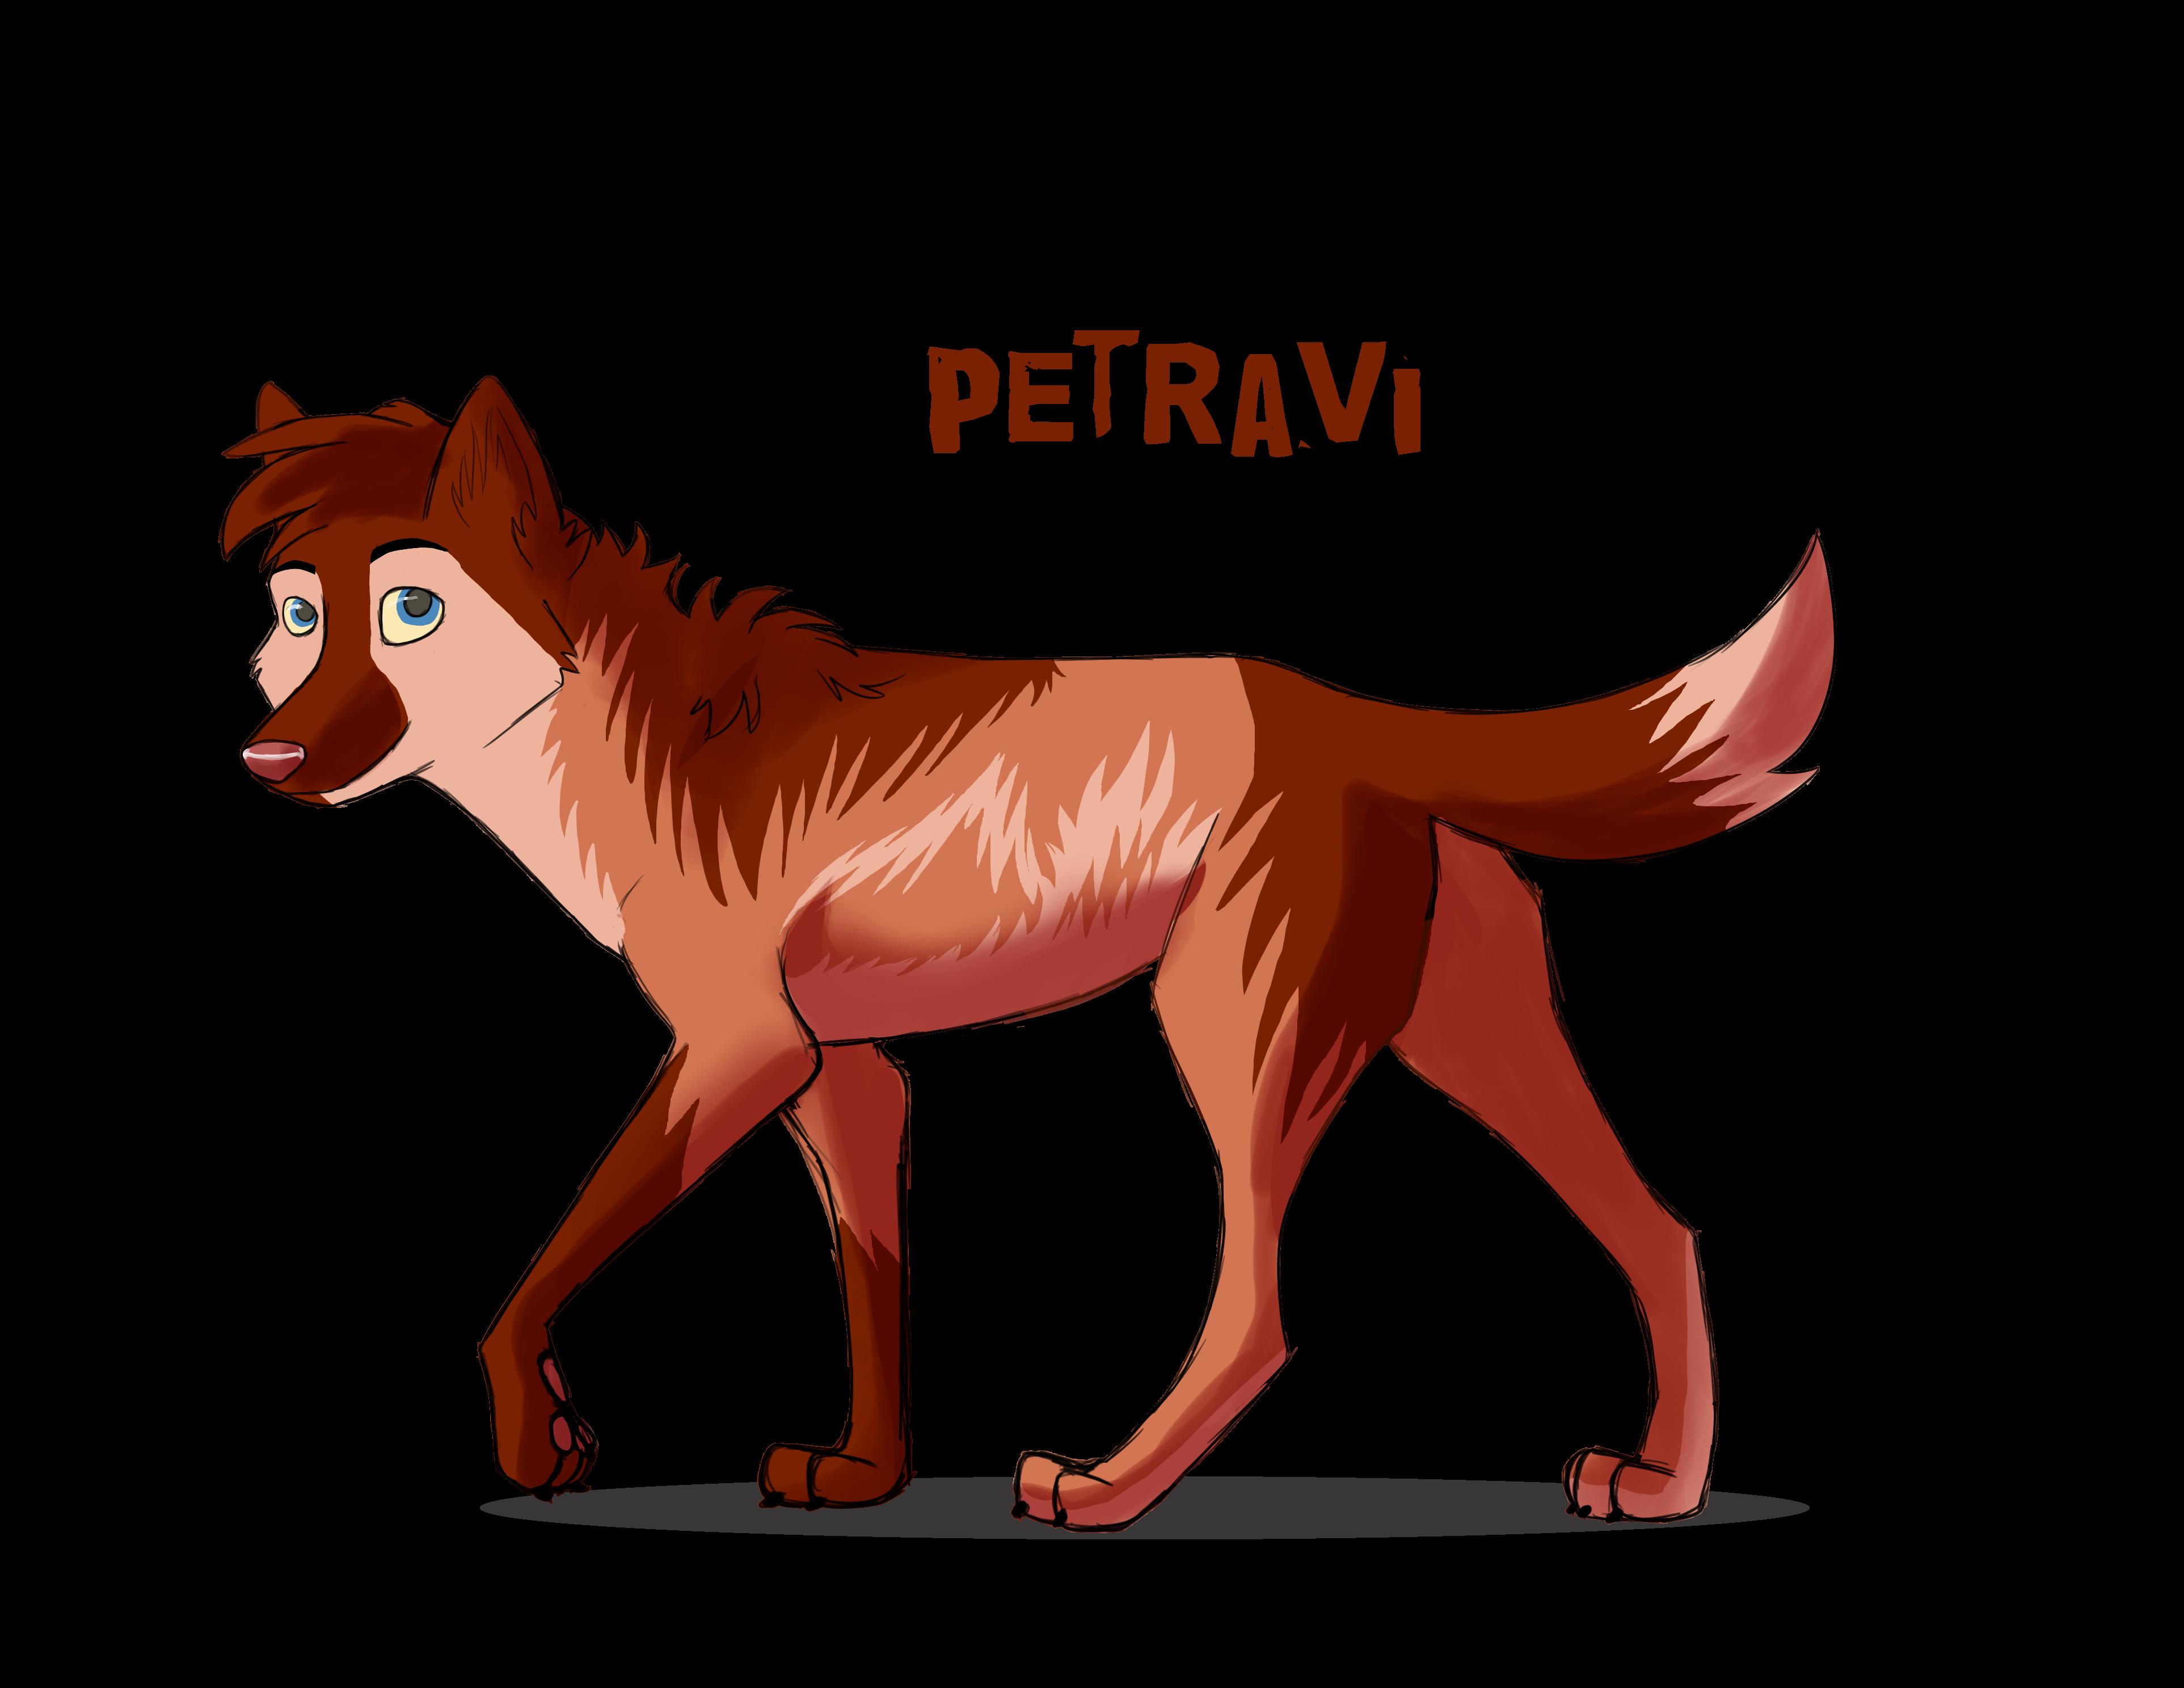 petravi's Profile Picture